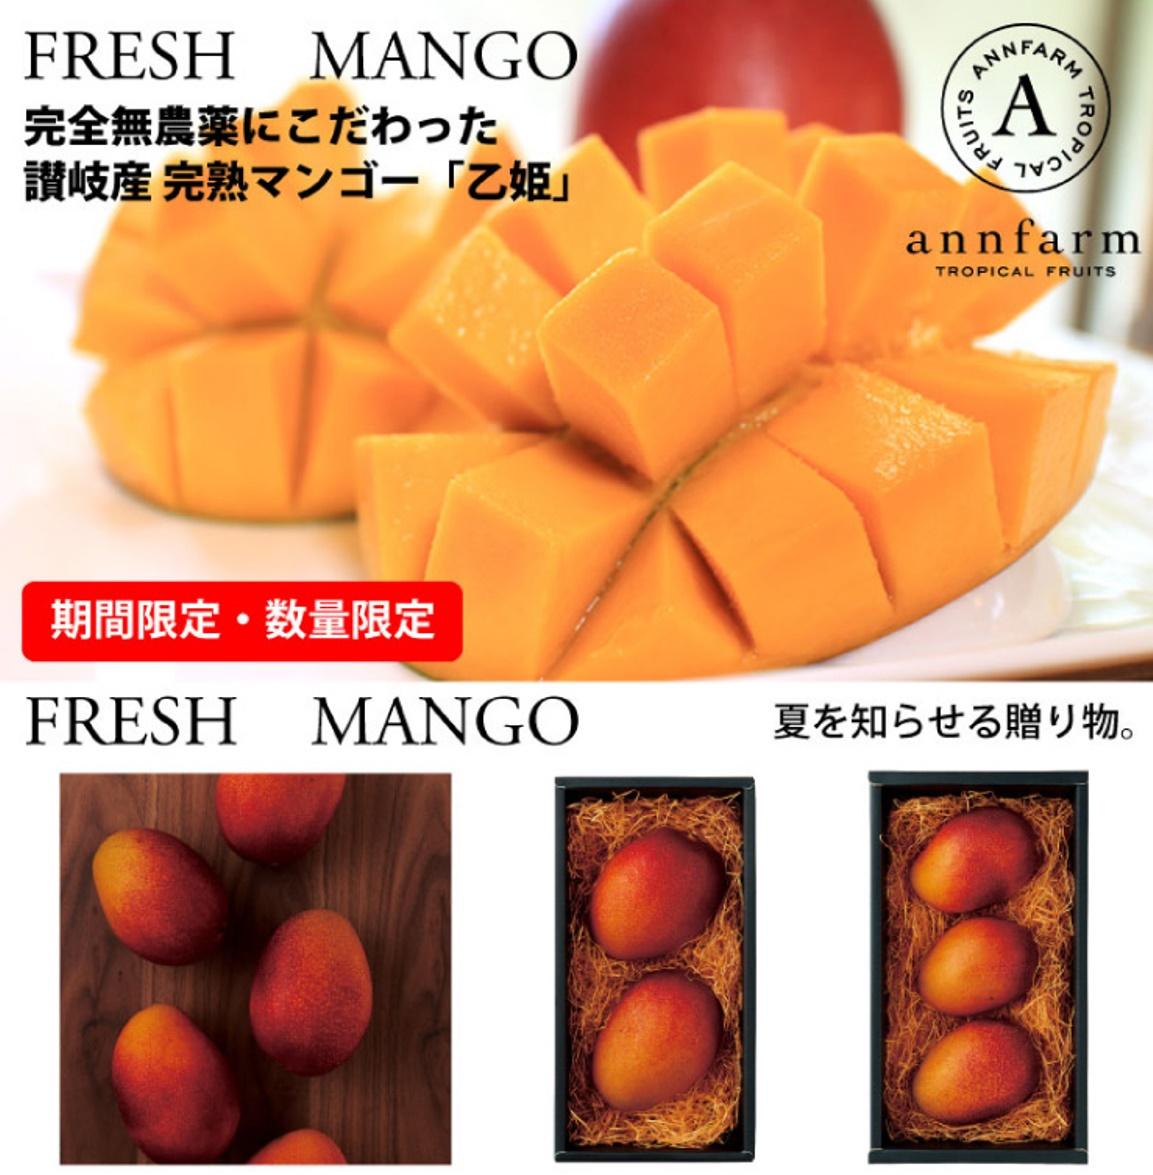 無農薬で大切に育てられたフレッシュマンゴーは、糖度15%以上!濃厚な甘さと香りが幸せ〜